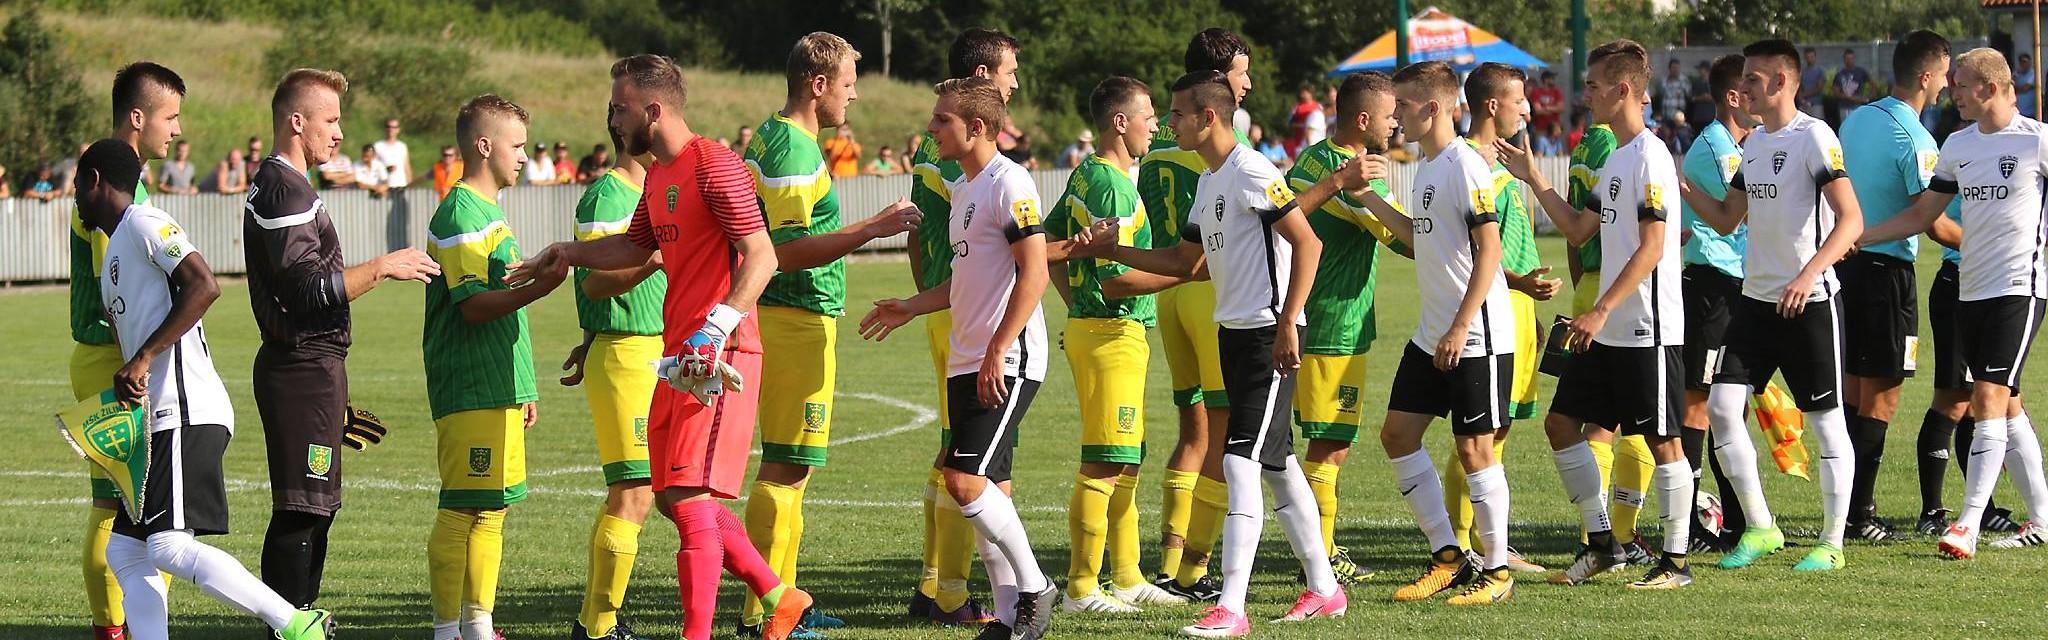 LIVE prenosy zo 4. kola Slovnaft Cupu, 27.9. 2017 o 15:30 hod.